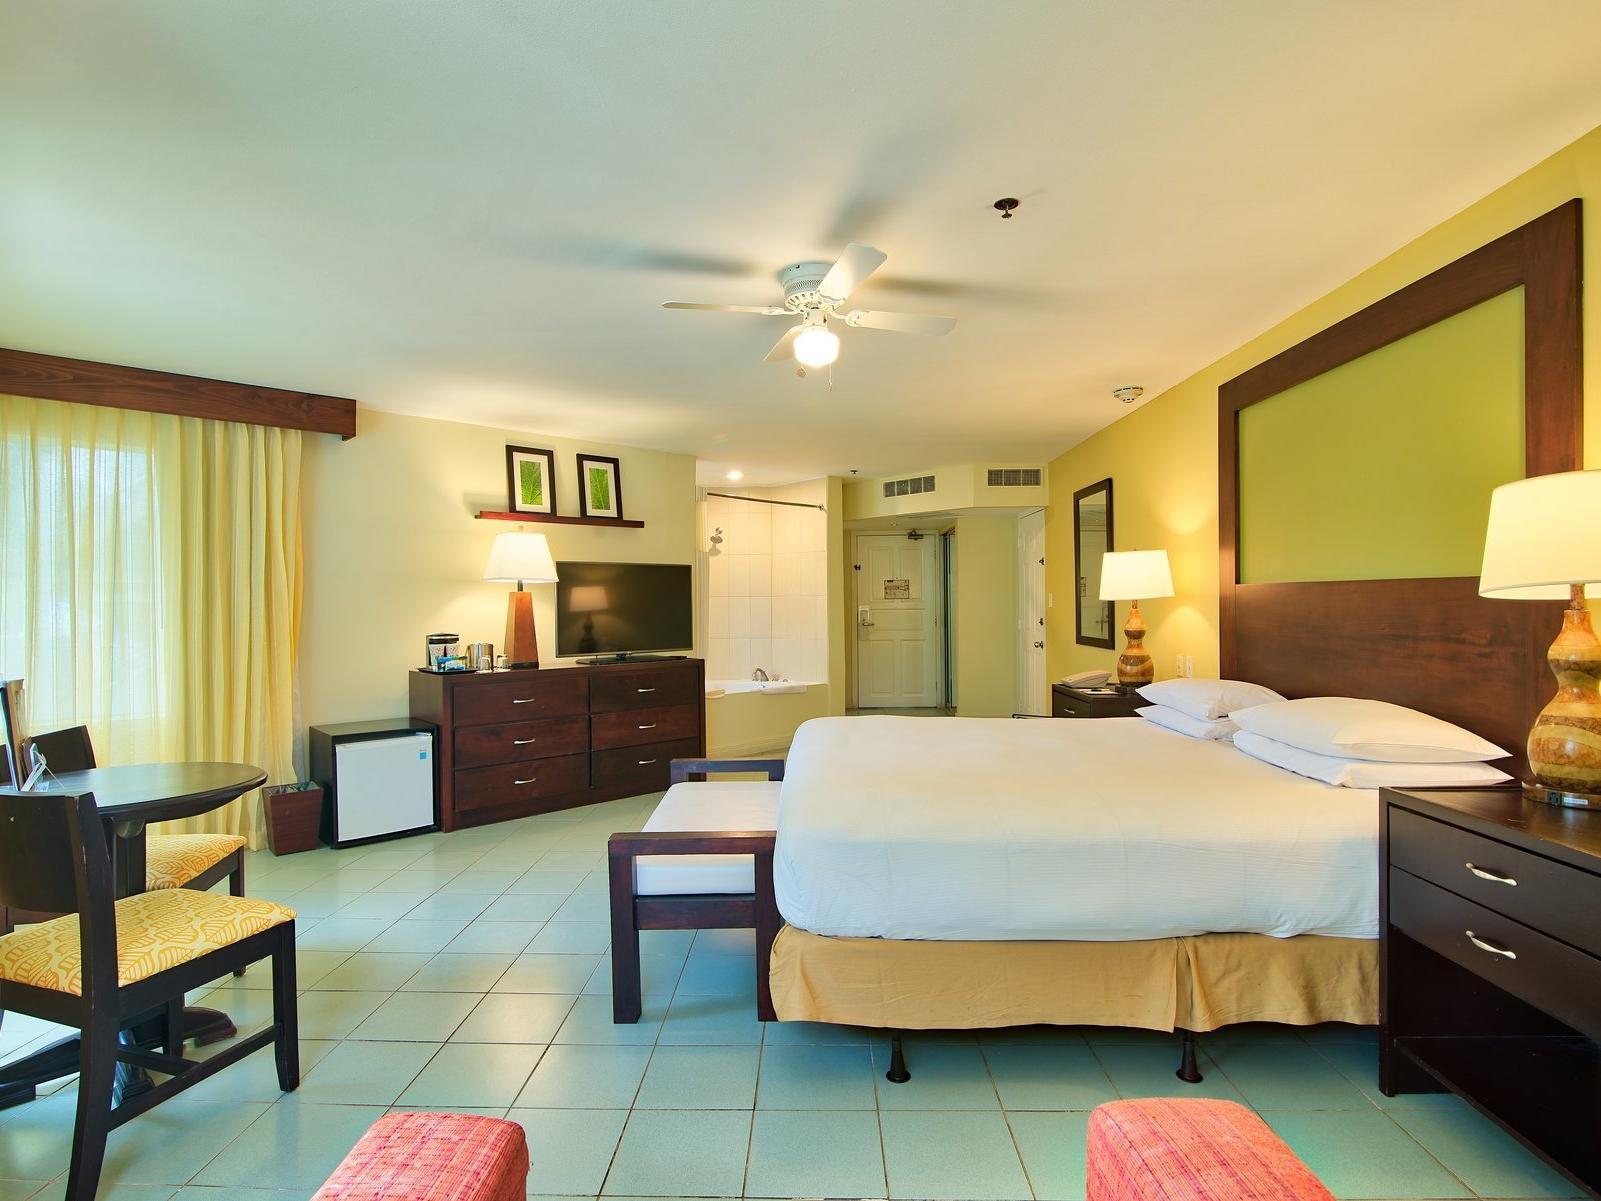 Luxury Jr honeymoon suite rooms at Fiesta Resort